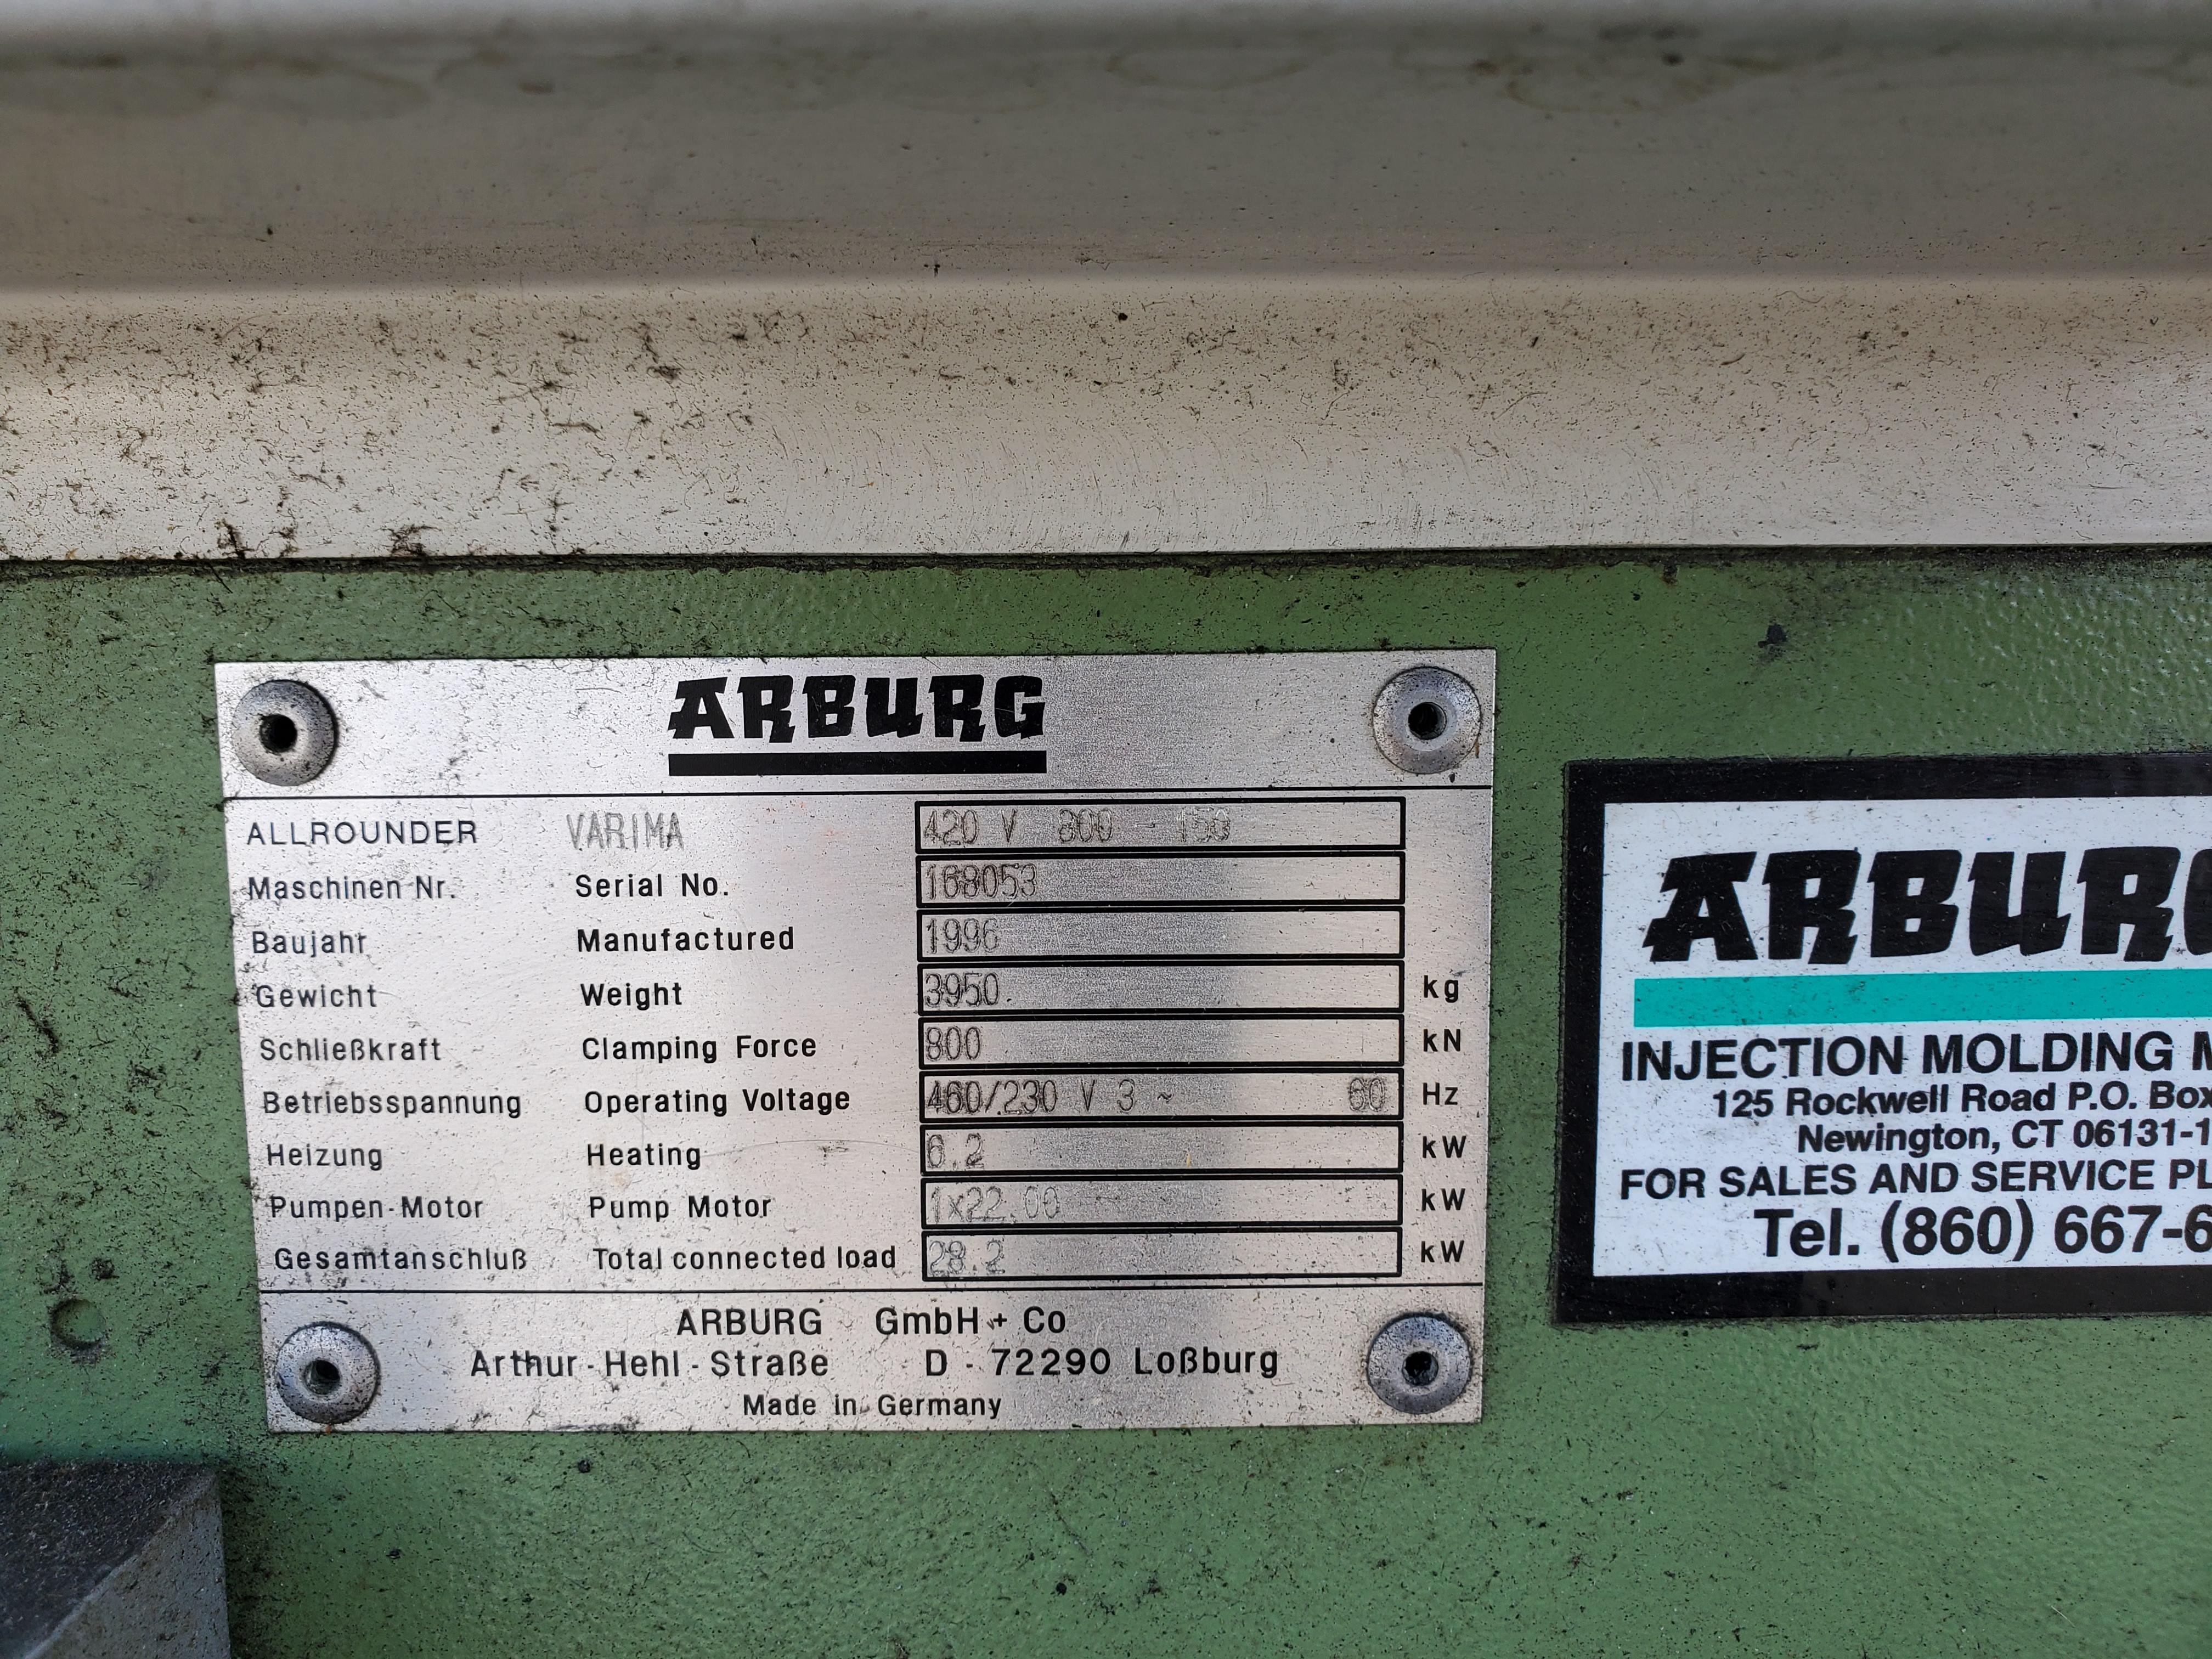 90 TON ARBURG ALLROUNDER VARIMA INJECTION MOLDING MACHINE - Image 2 of 5